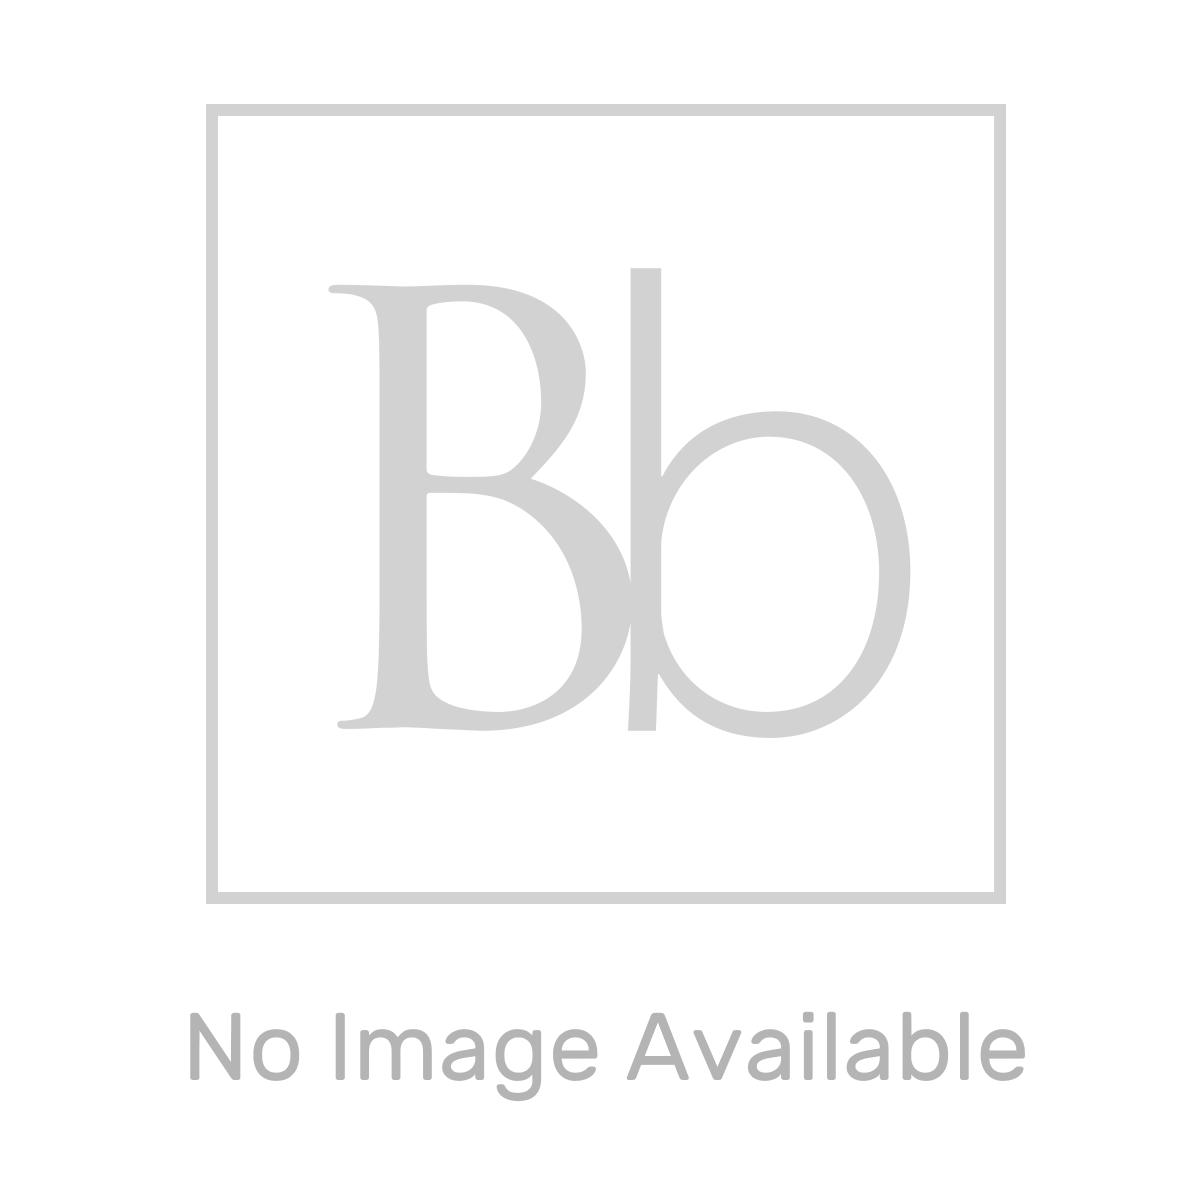 RAK Metropolitan Wall Hung Rimless Bidet 525mm Measurements